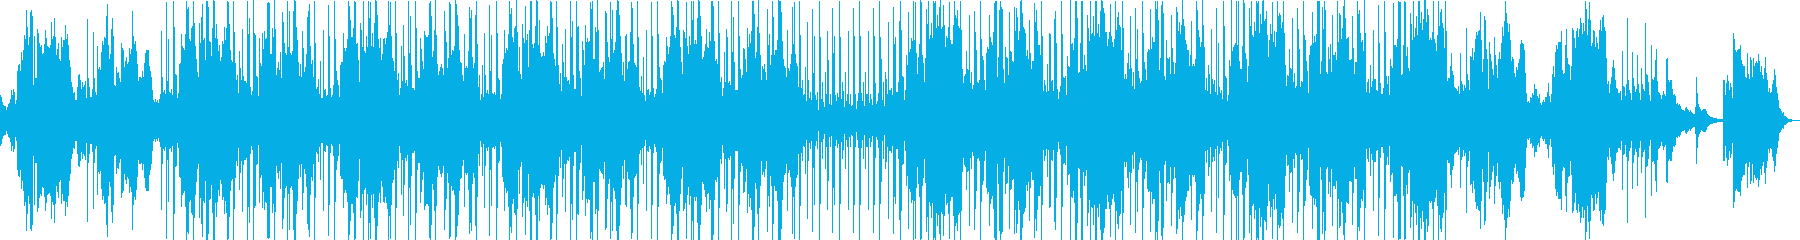 salmonの再生済みの波形